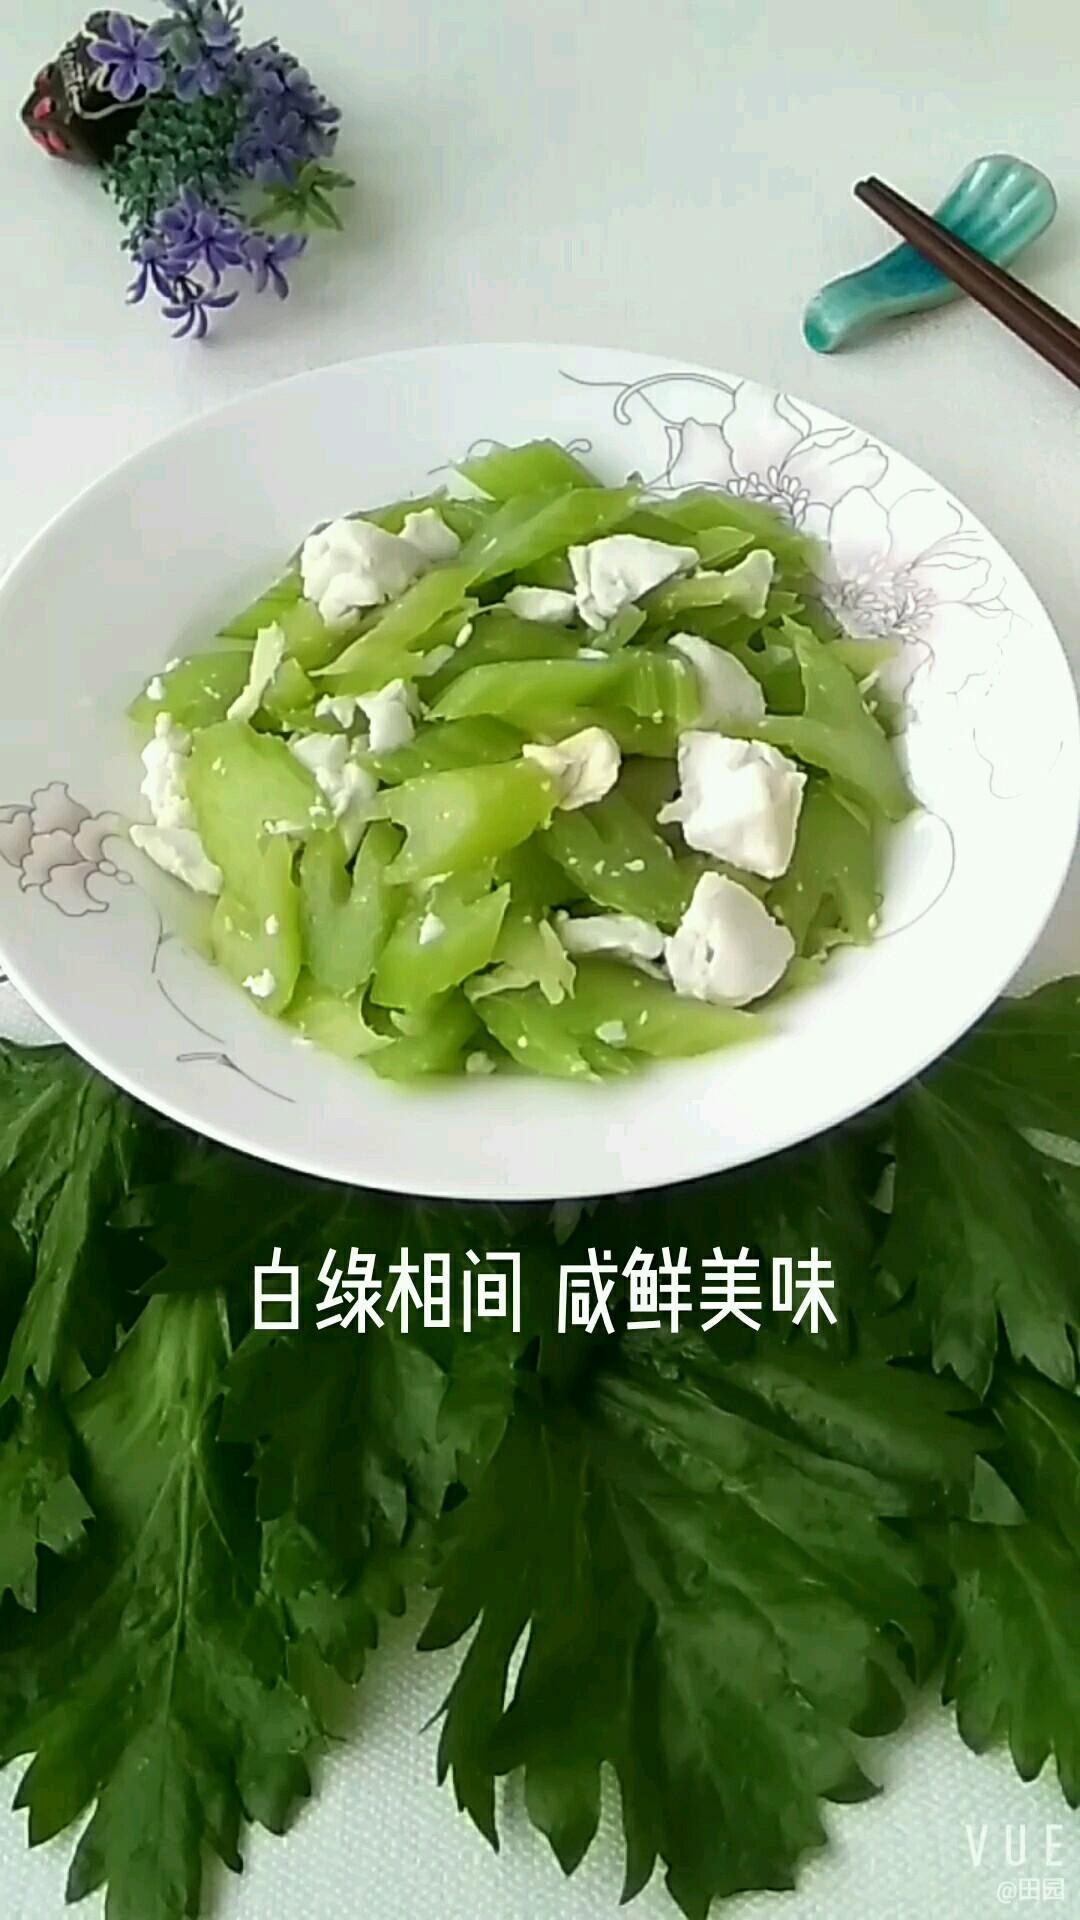 白绿相间 咸鲜美味的做法